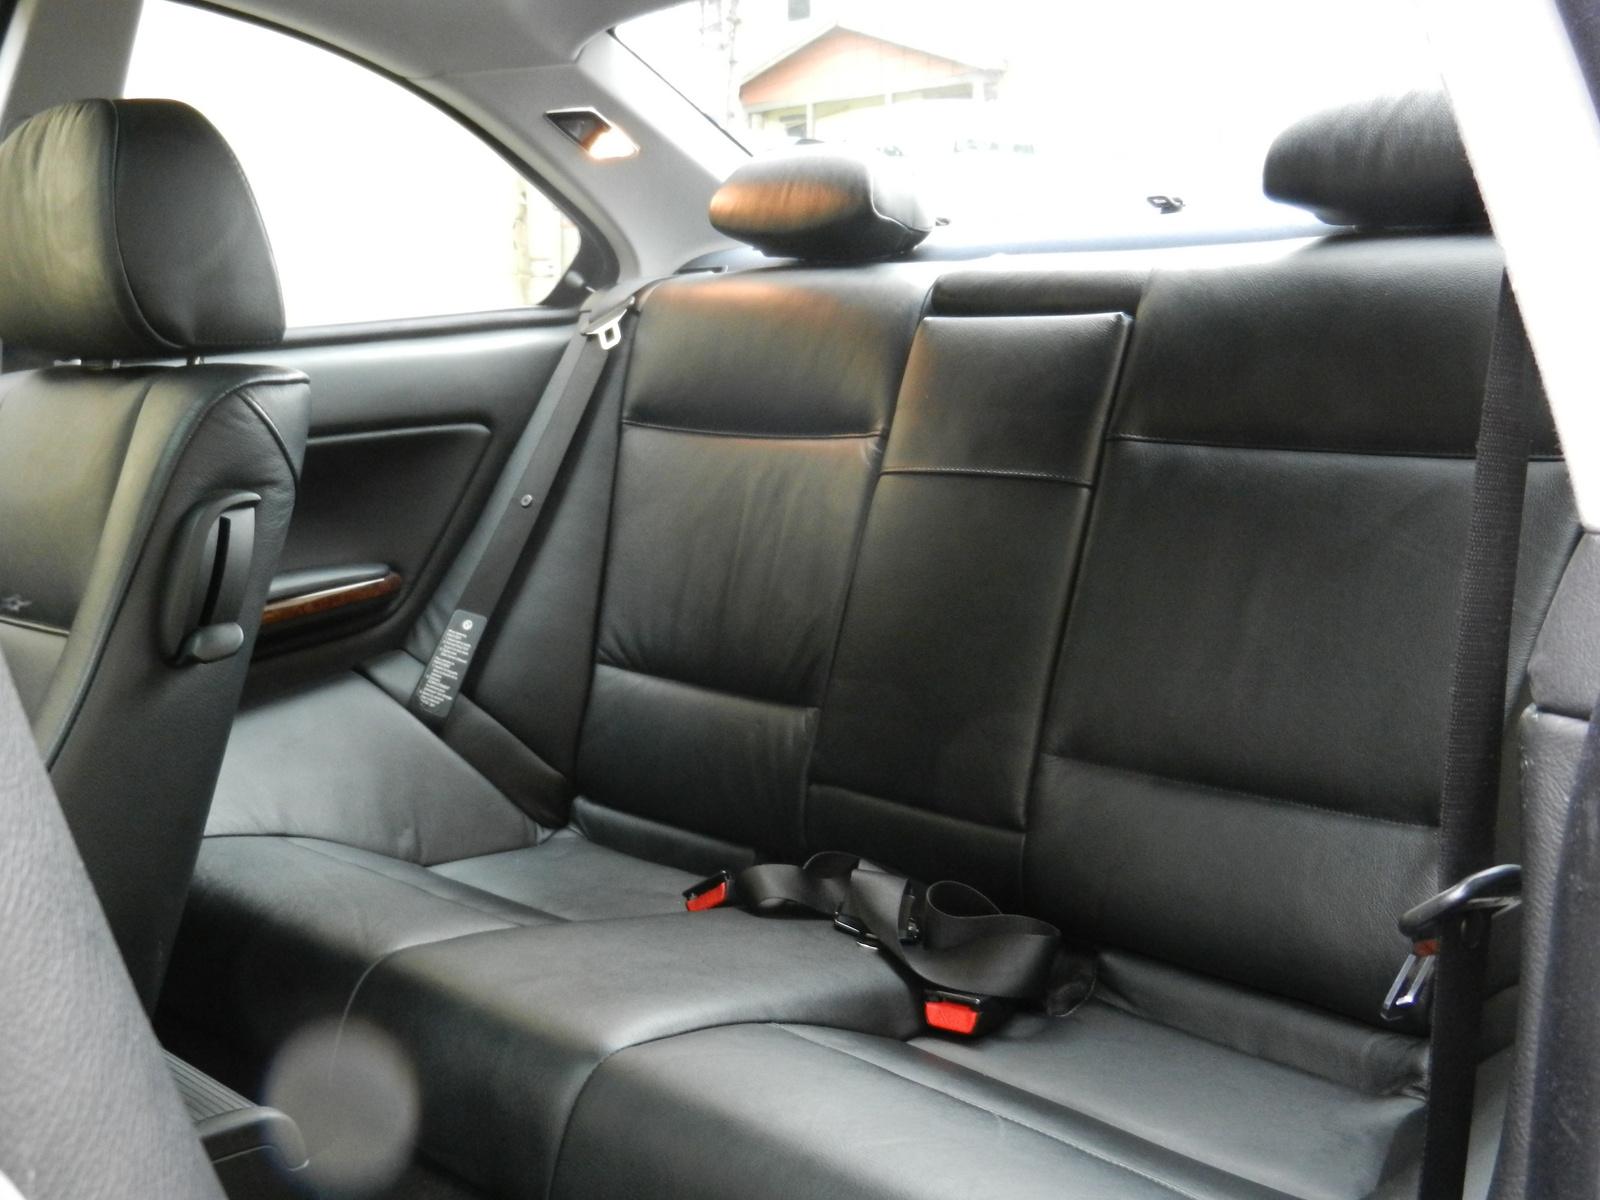 2000 Bmw 3 Series Interior Pictures Cargurus